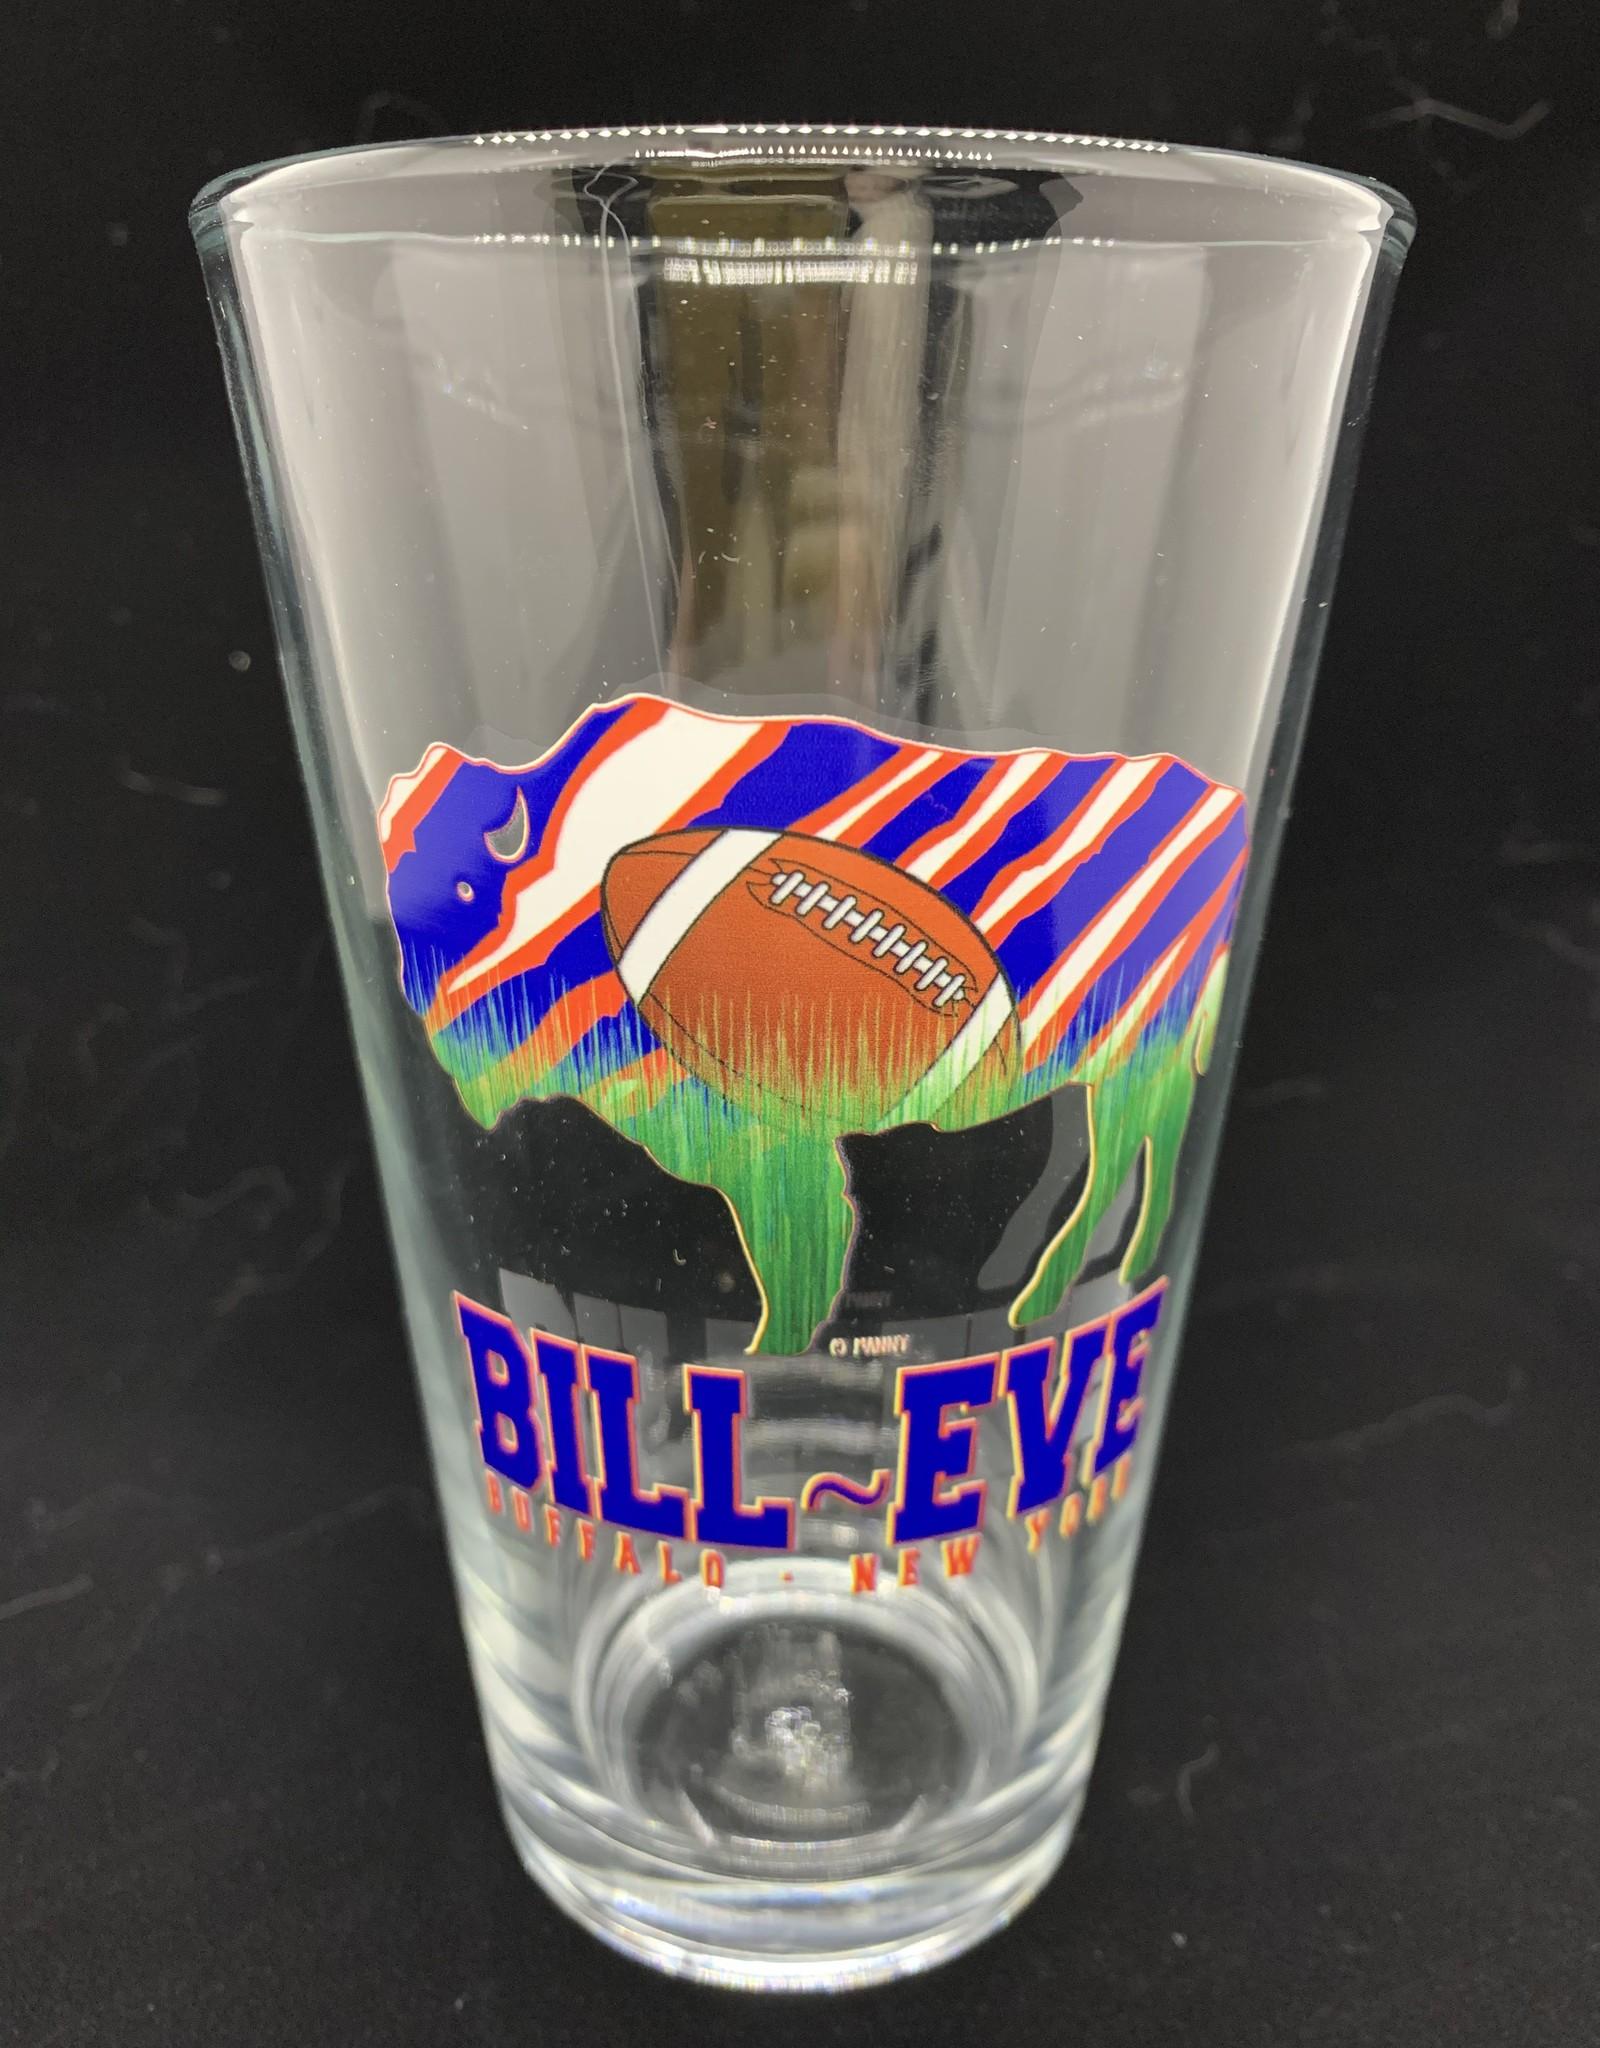 FEEL GOOD GREETINGS INK BUFFAL BILLS BILL EVE PINT GLASS